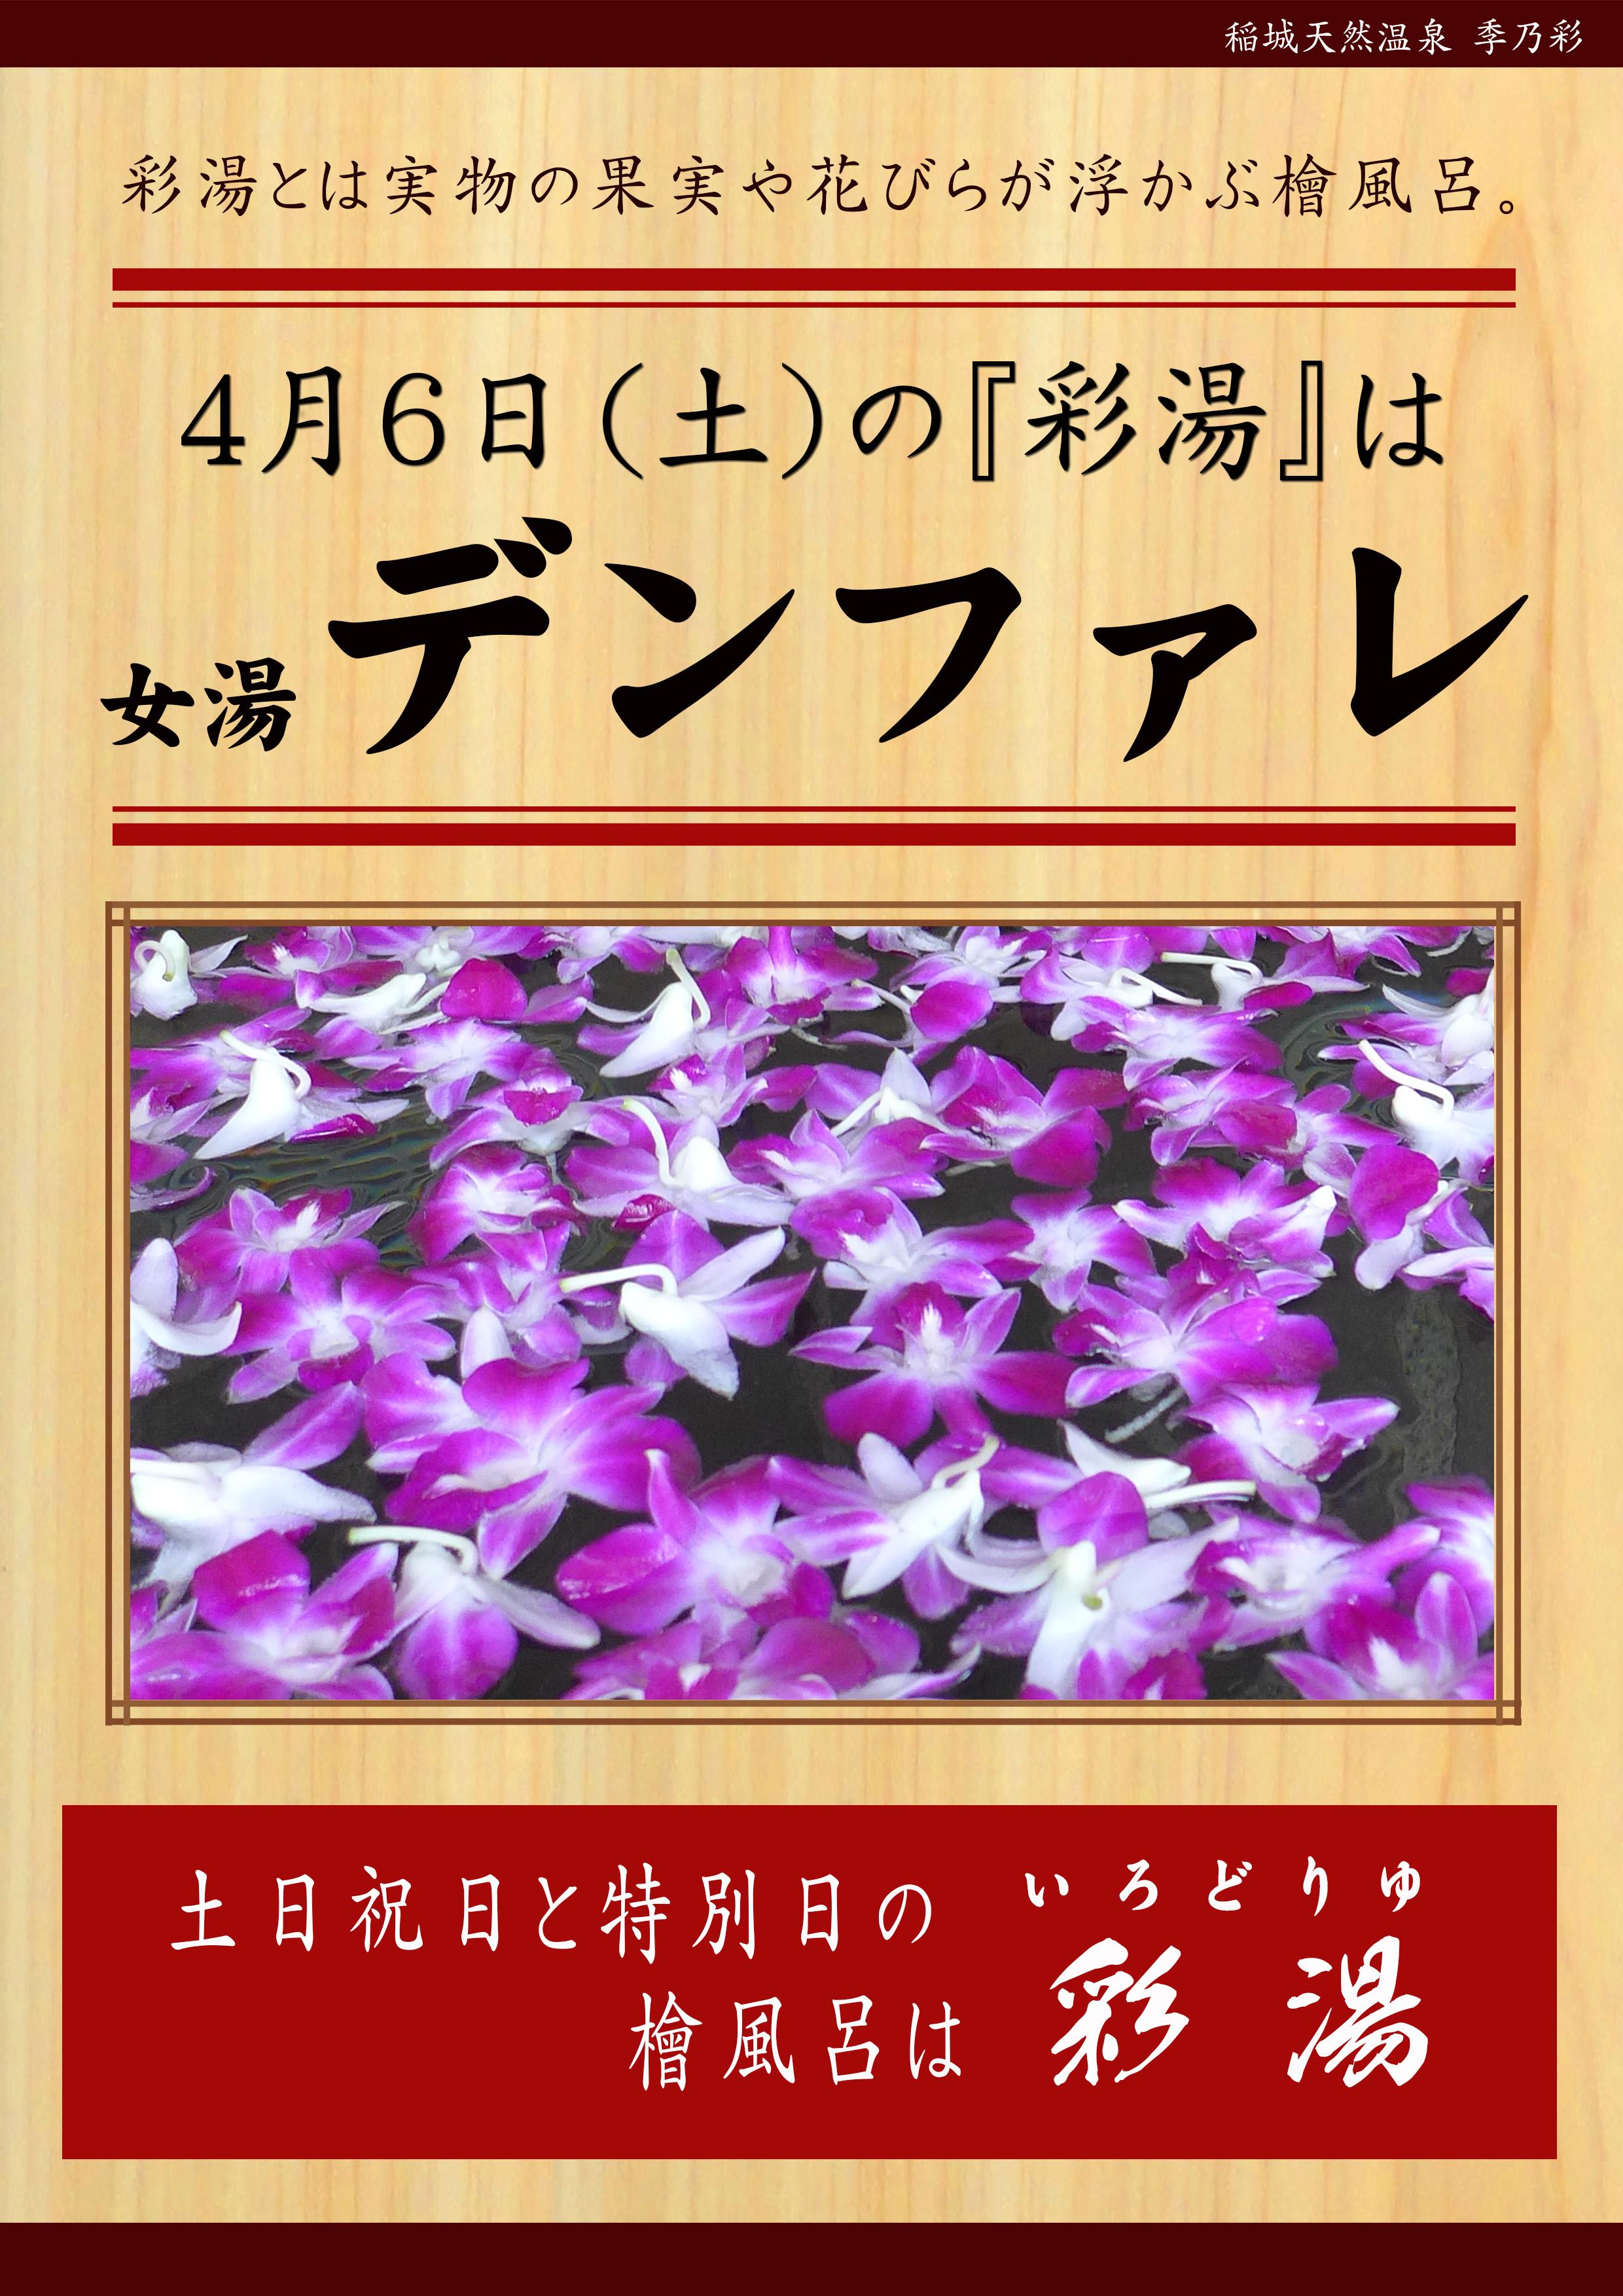 20190406POP イベント 彩湯 女湯 デンファレ